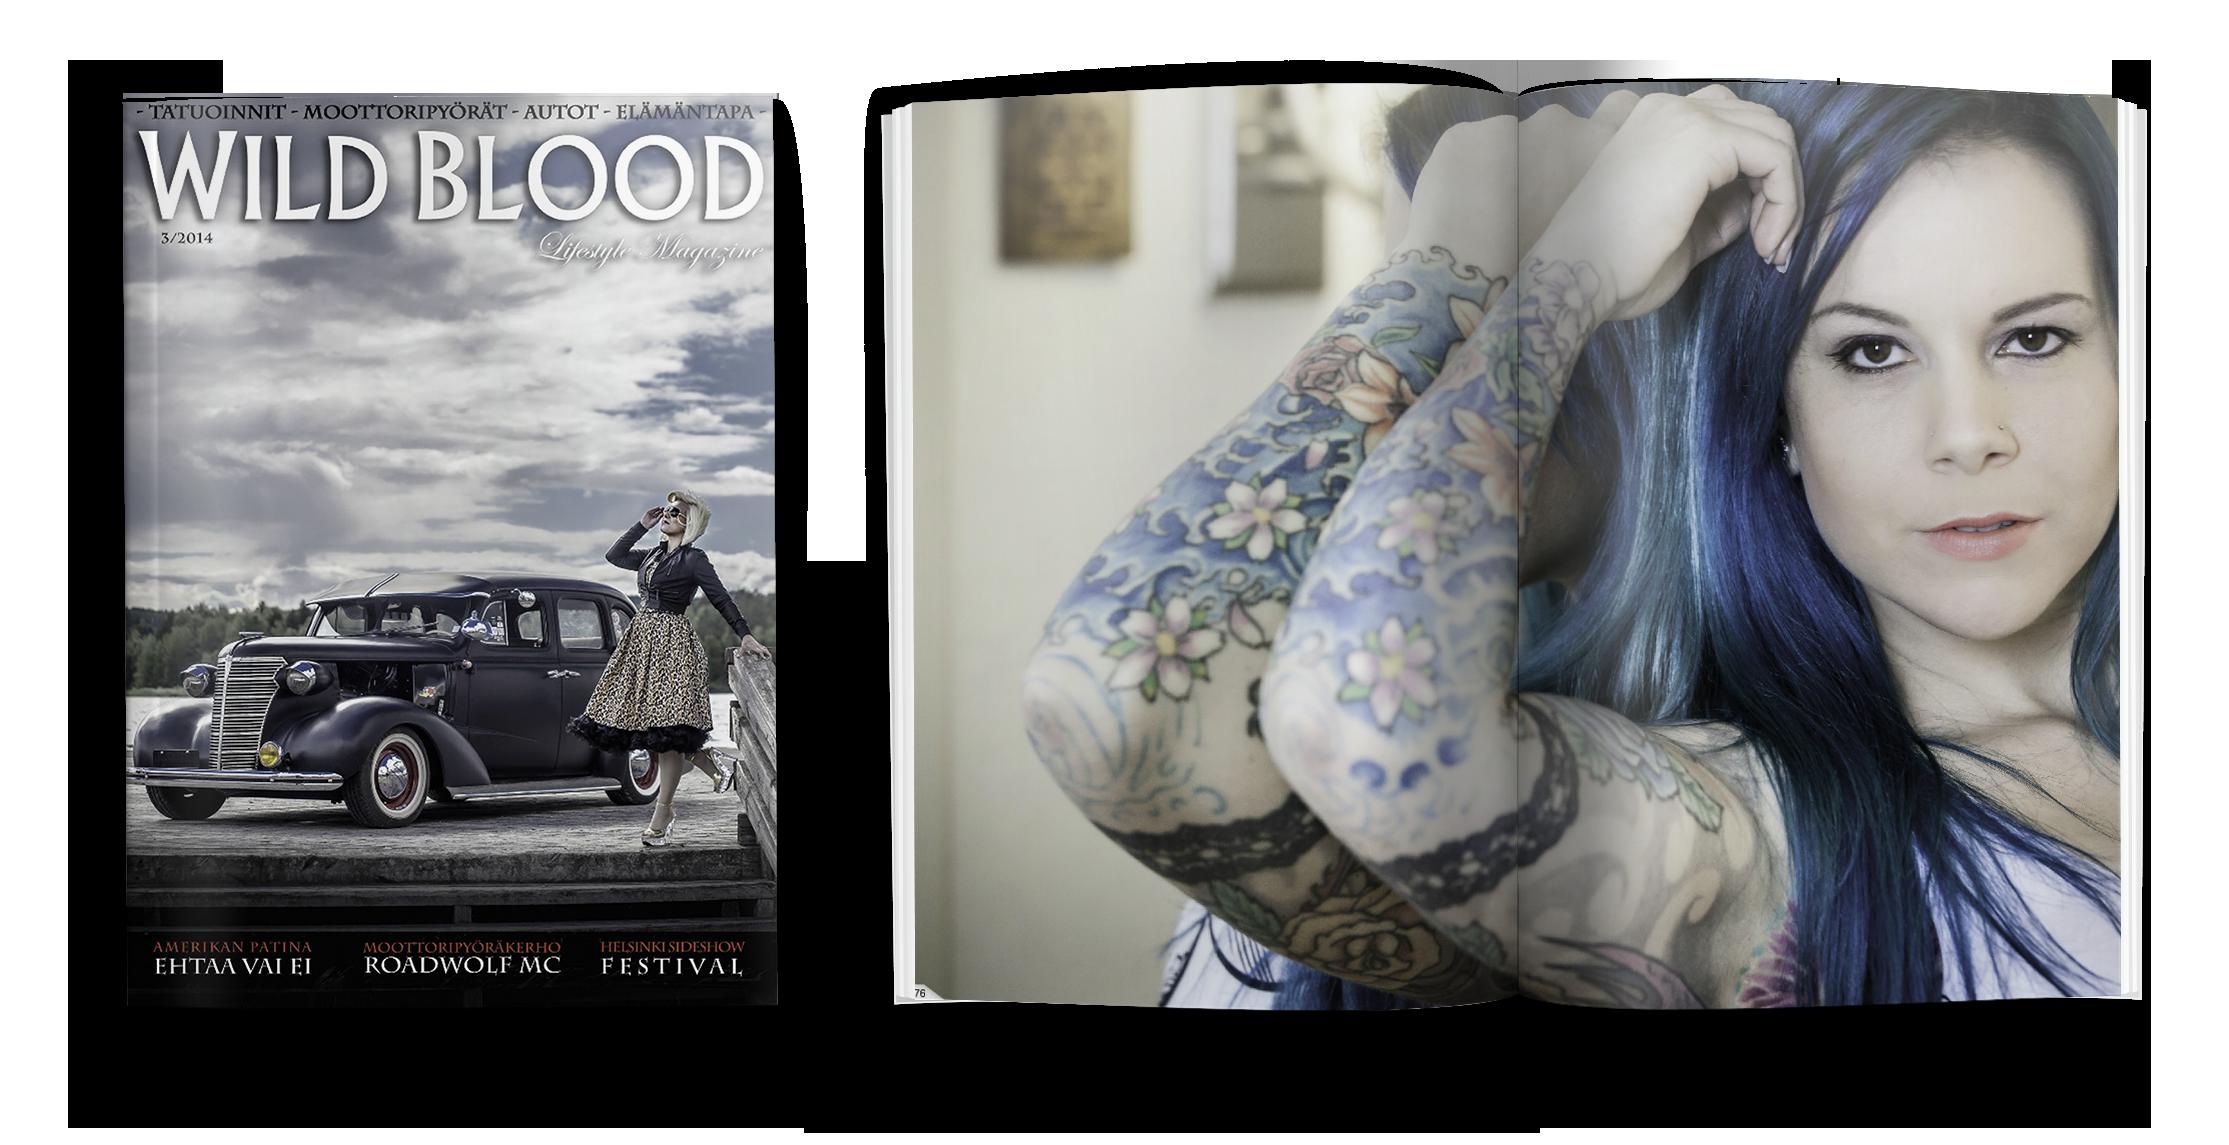 Wild_Blood_Magazine_03-2014_Render2.png